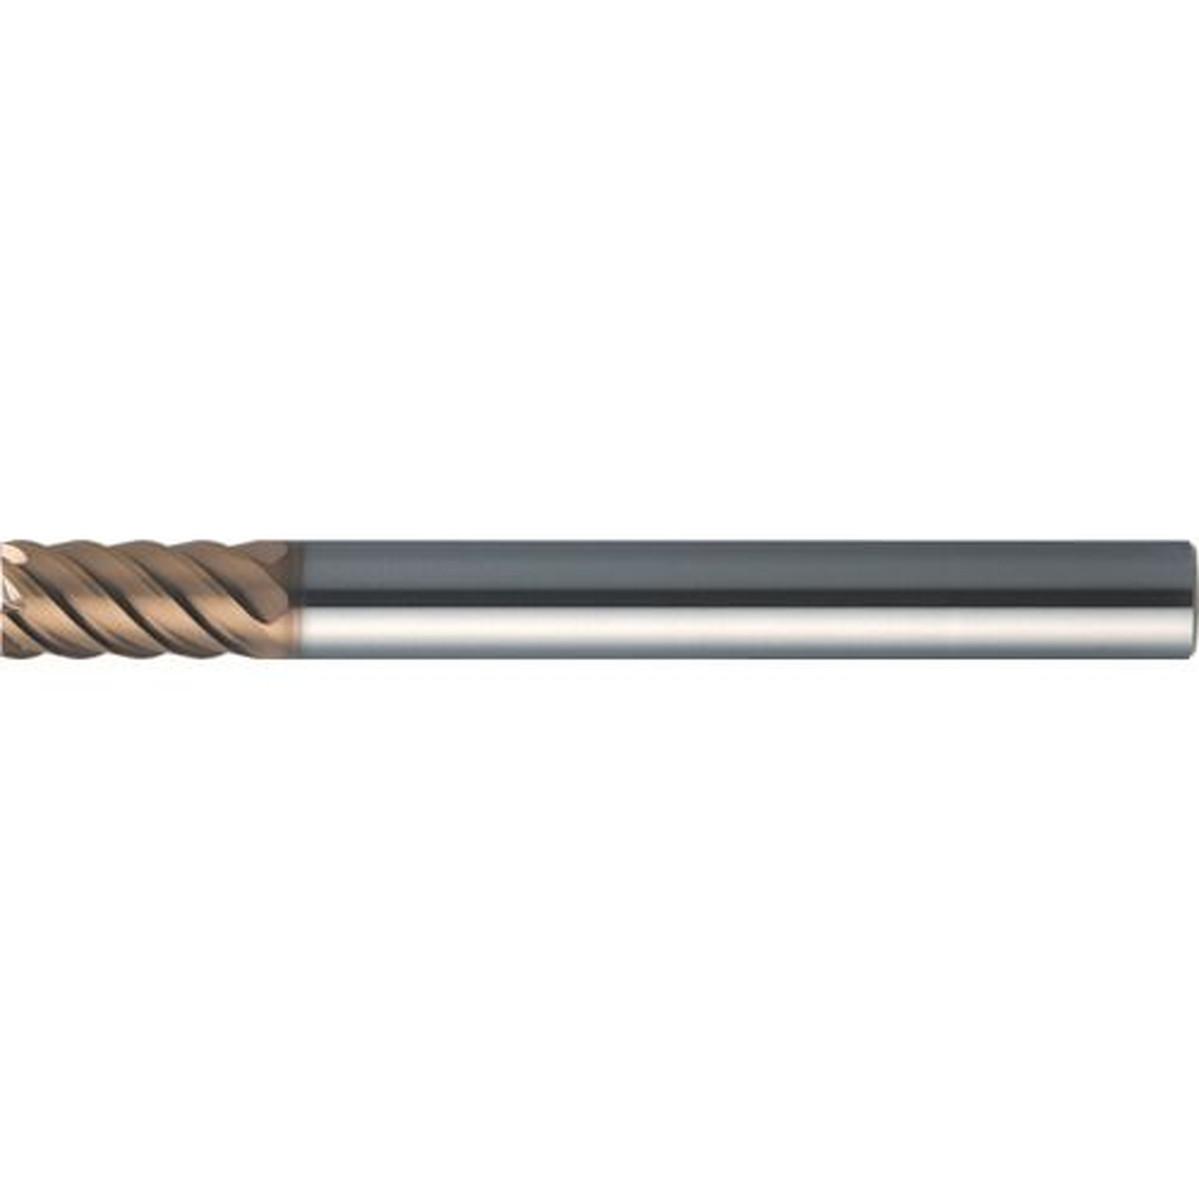 超歓迎 MOLDINO エポックTHハード ショート刃 ショート刃 1本 CEPS6060-TH CEPS6060−TH 1本, en&co.PartsShop:8a8e3013 --- bungsu.net